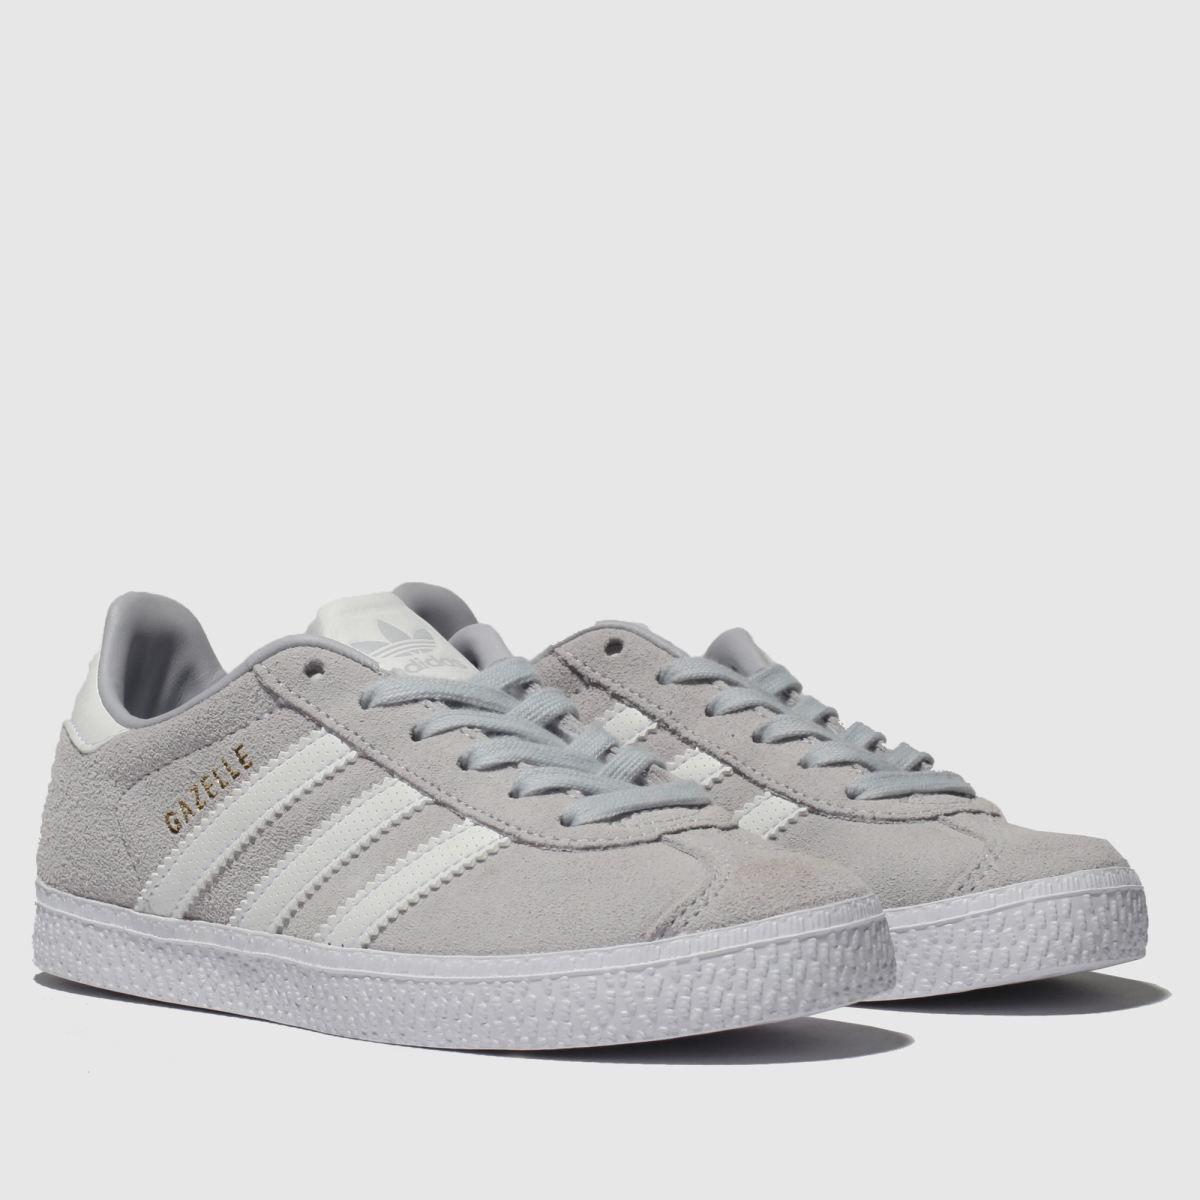 gazelle adidas light grey cheap online